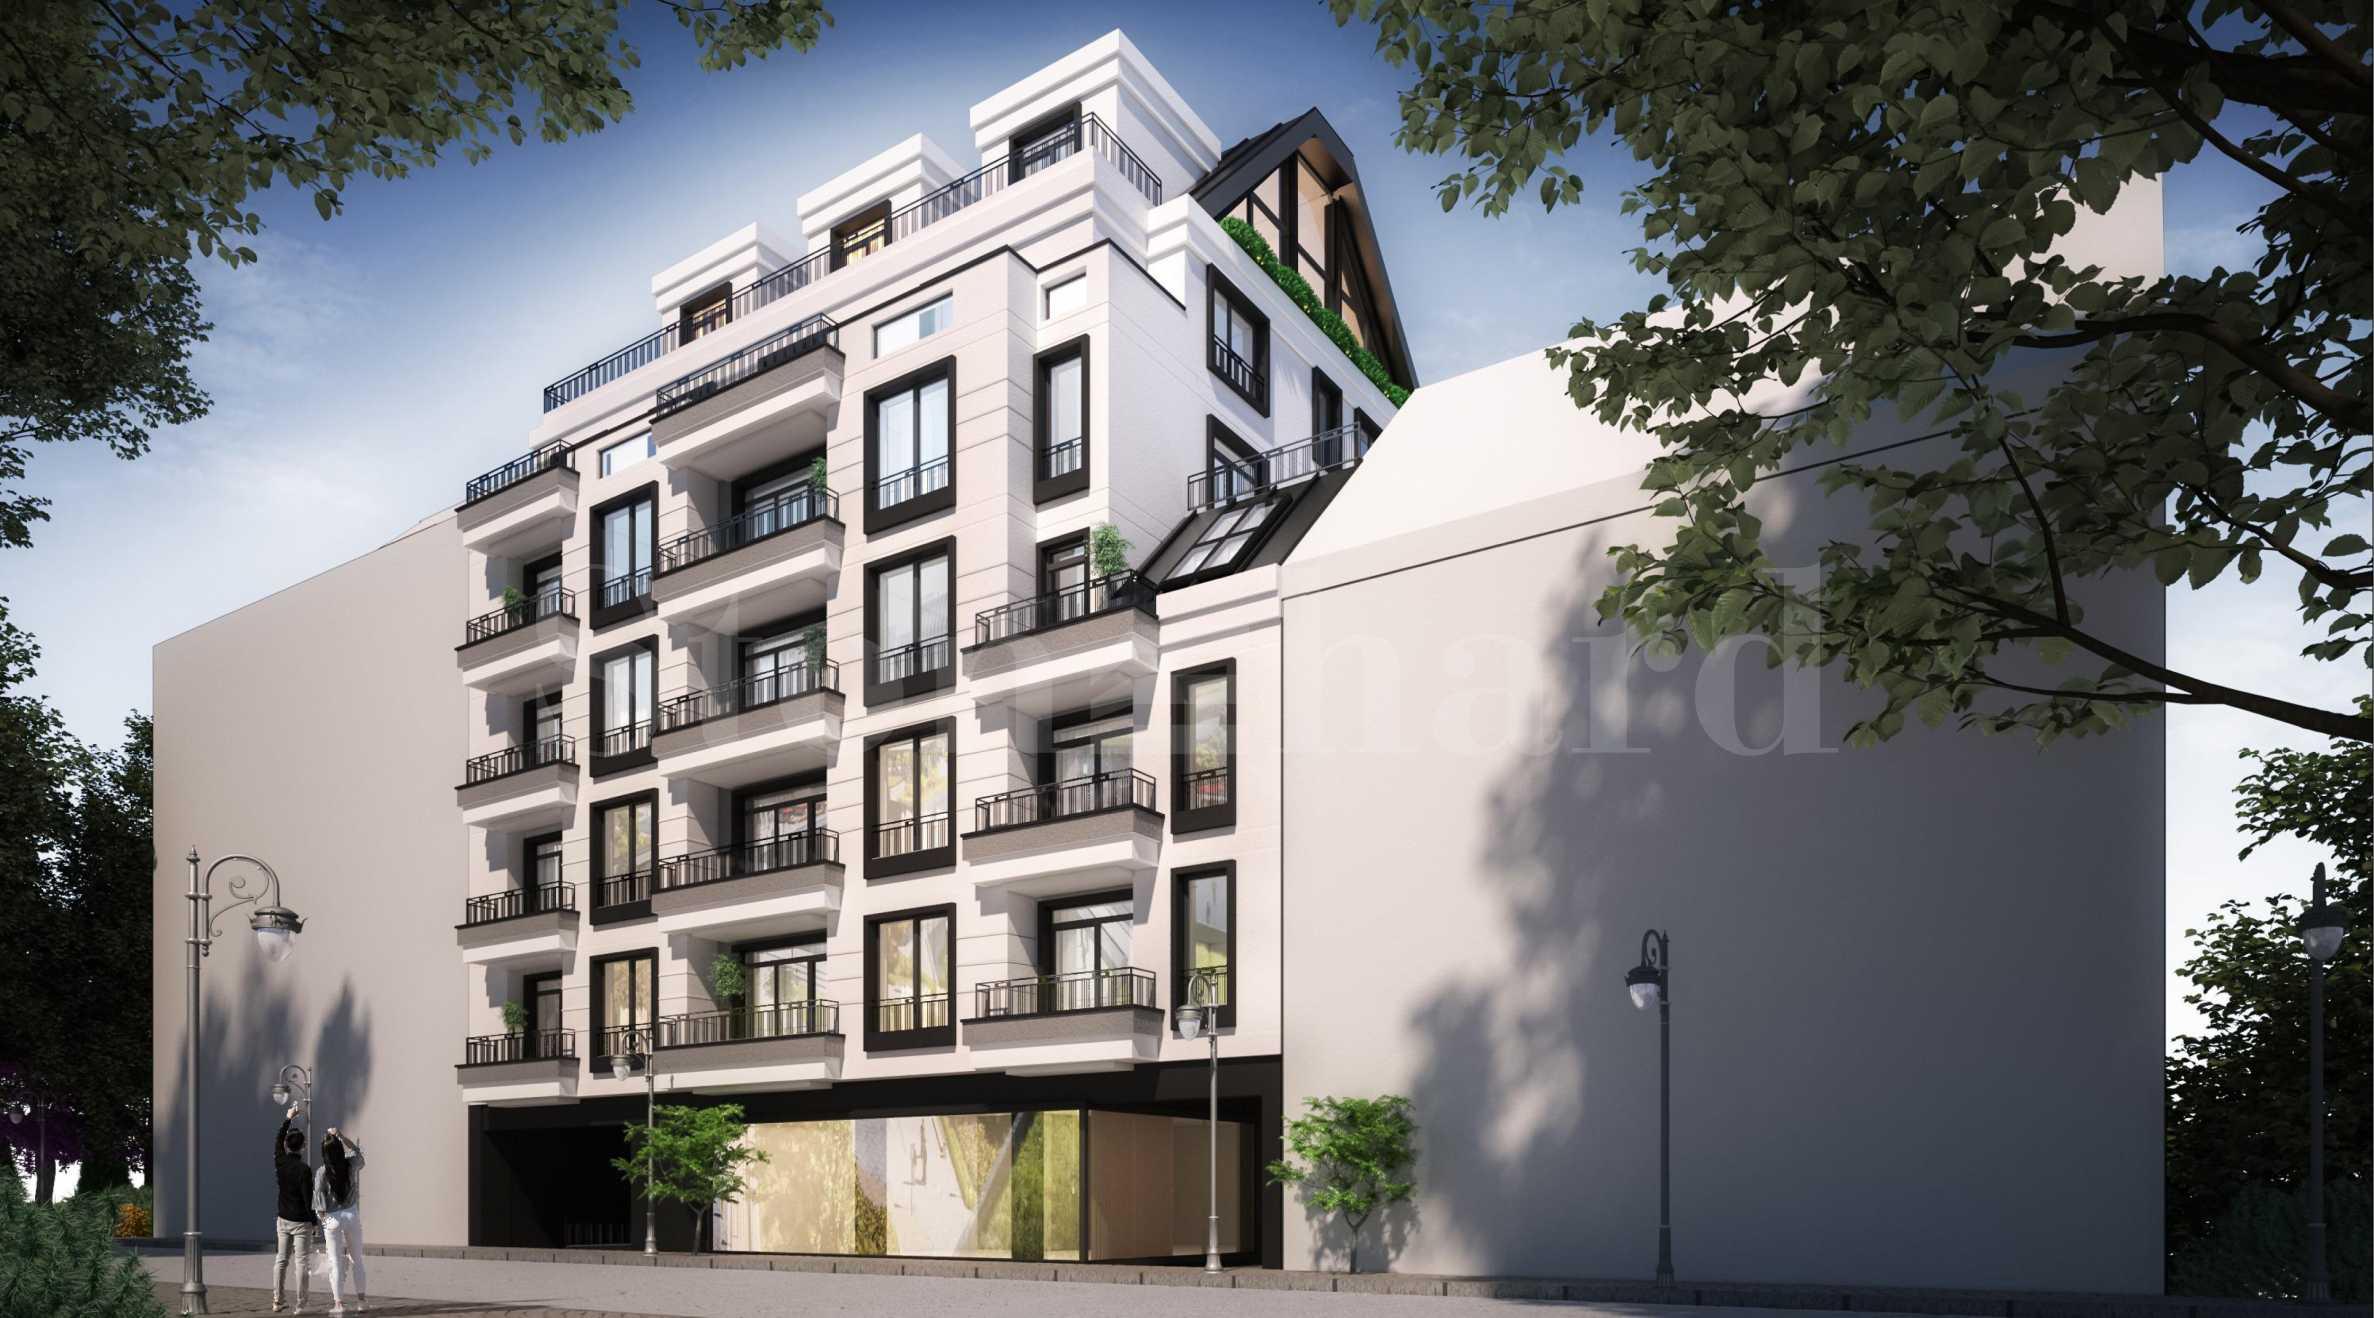 Апартаменти в нова сграда в центъра на София до метростанция1 - Stonehard